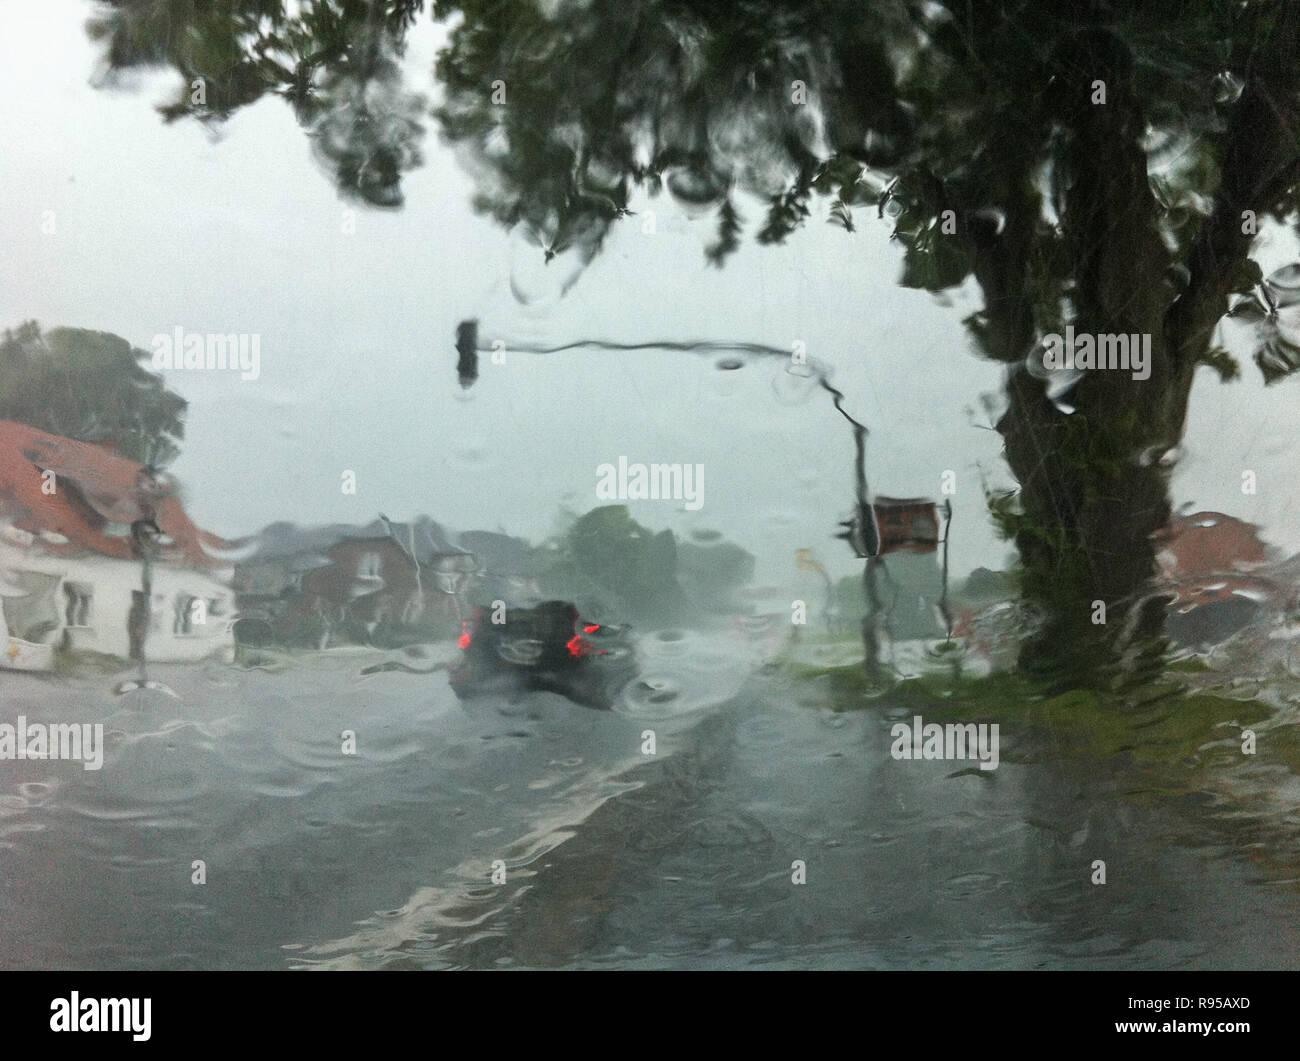 28.07.2012, Germany, Schleswig-Holstein, Stafstedt - Schlechte Sicht im Strassenverkehr bei Regen auf dser B77. 0RX120728D111CAROEX.JPG GT [MODEL RELE - Stock Image